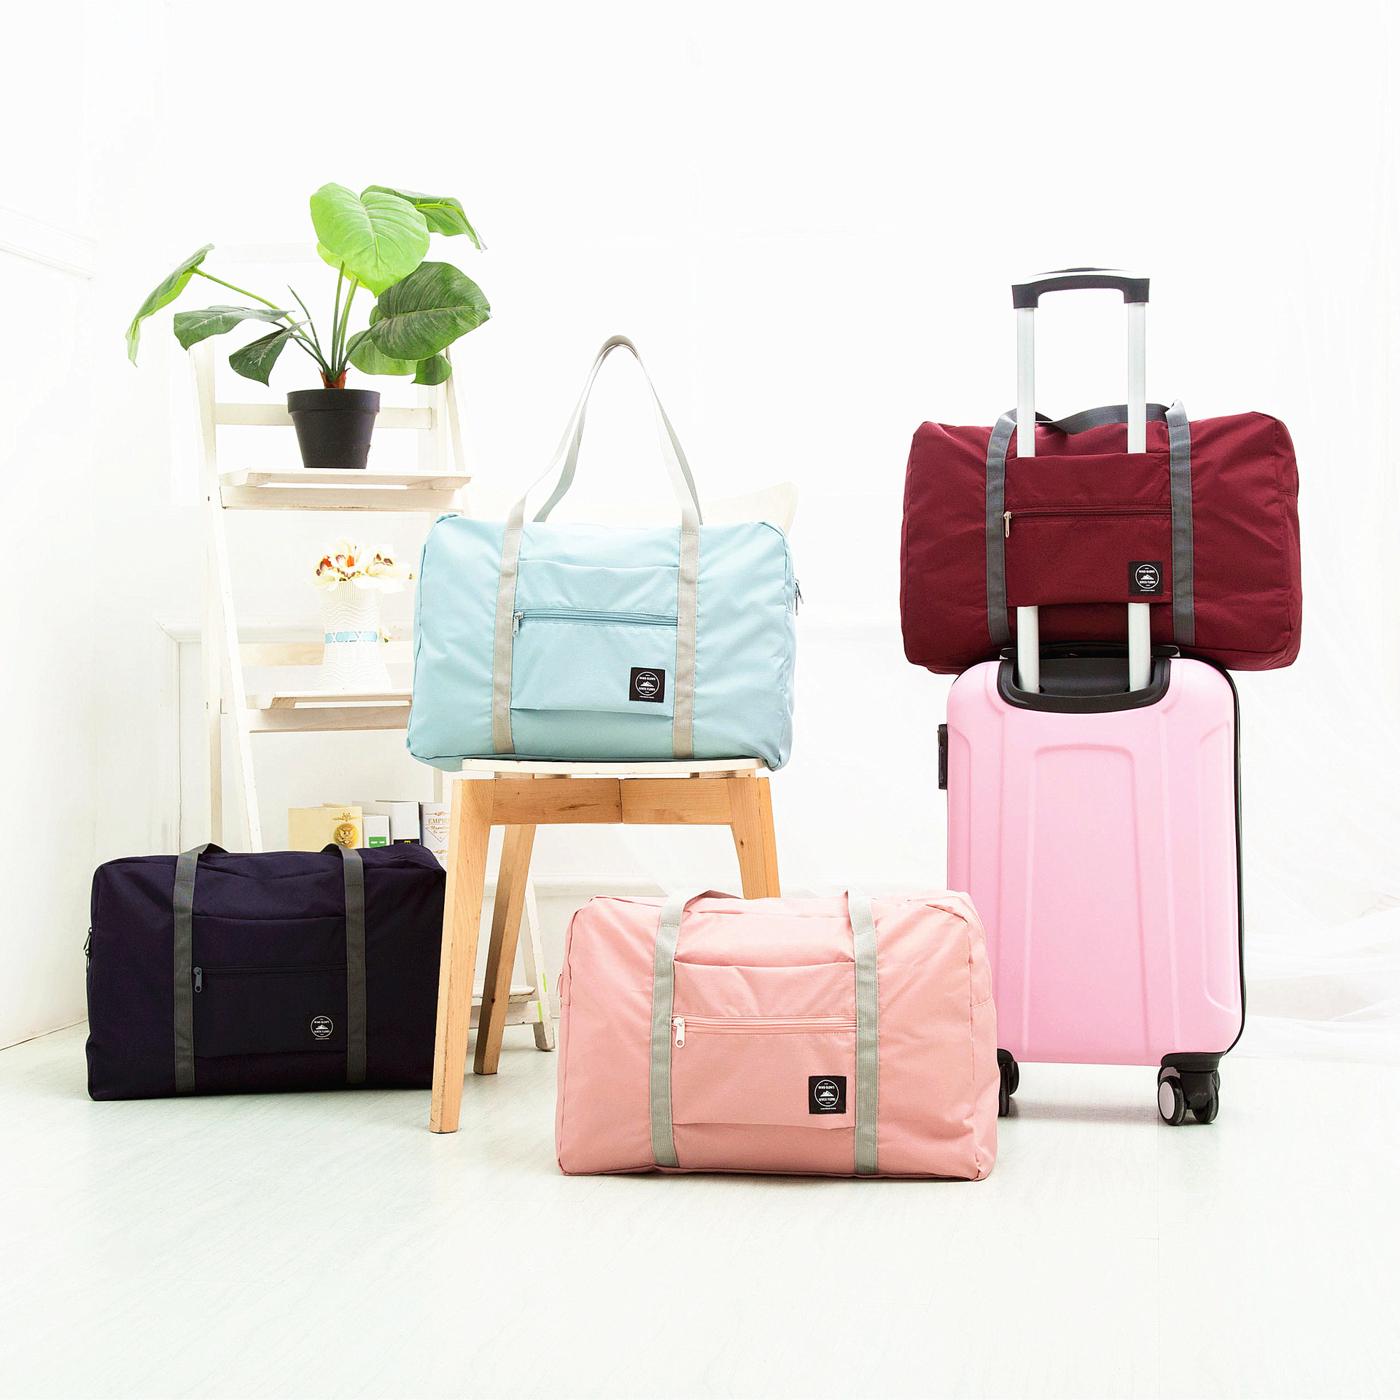 旅行手提摺疊包 隨身行李 肩背 防水 收納袋